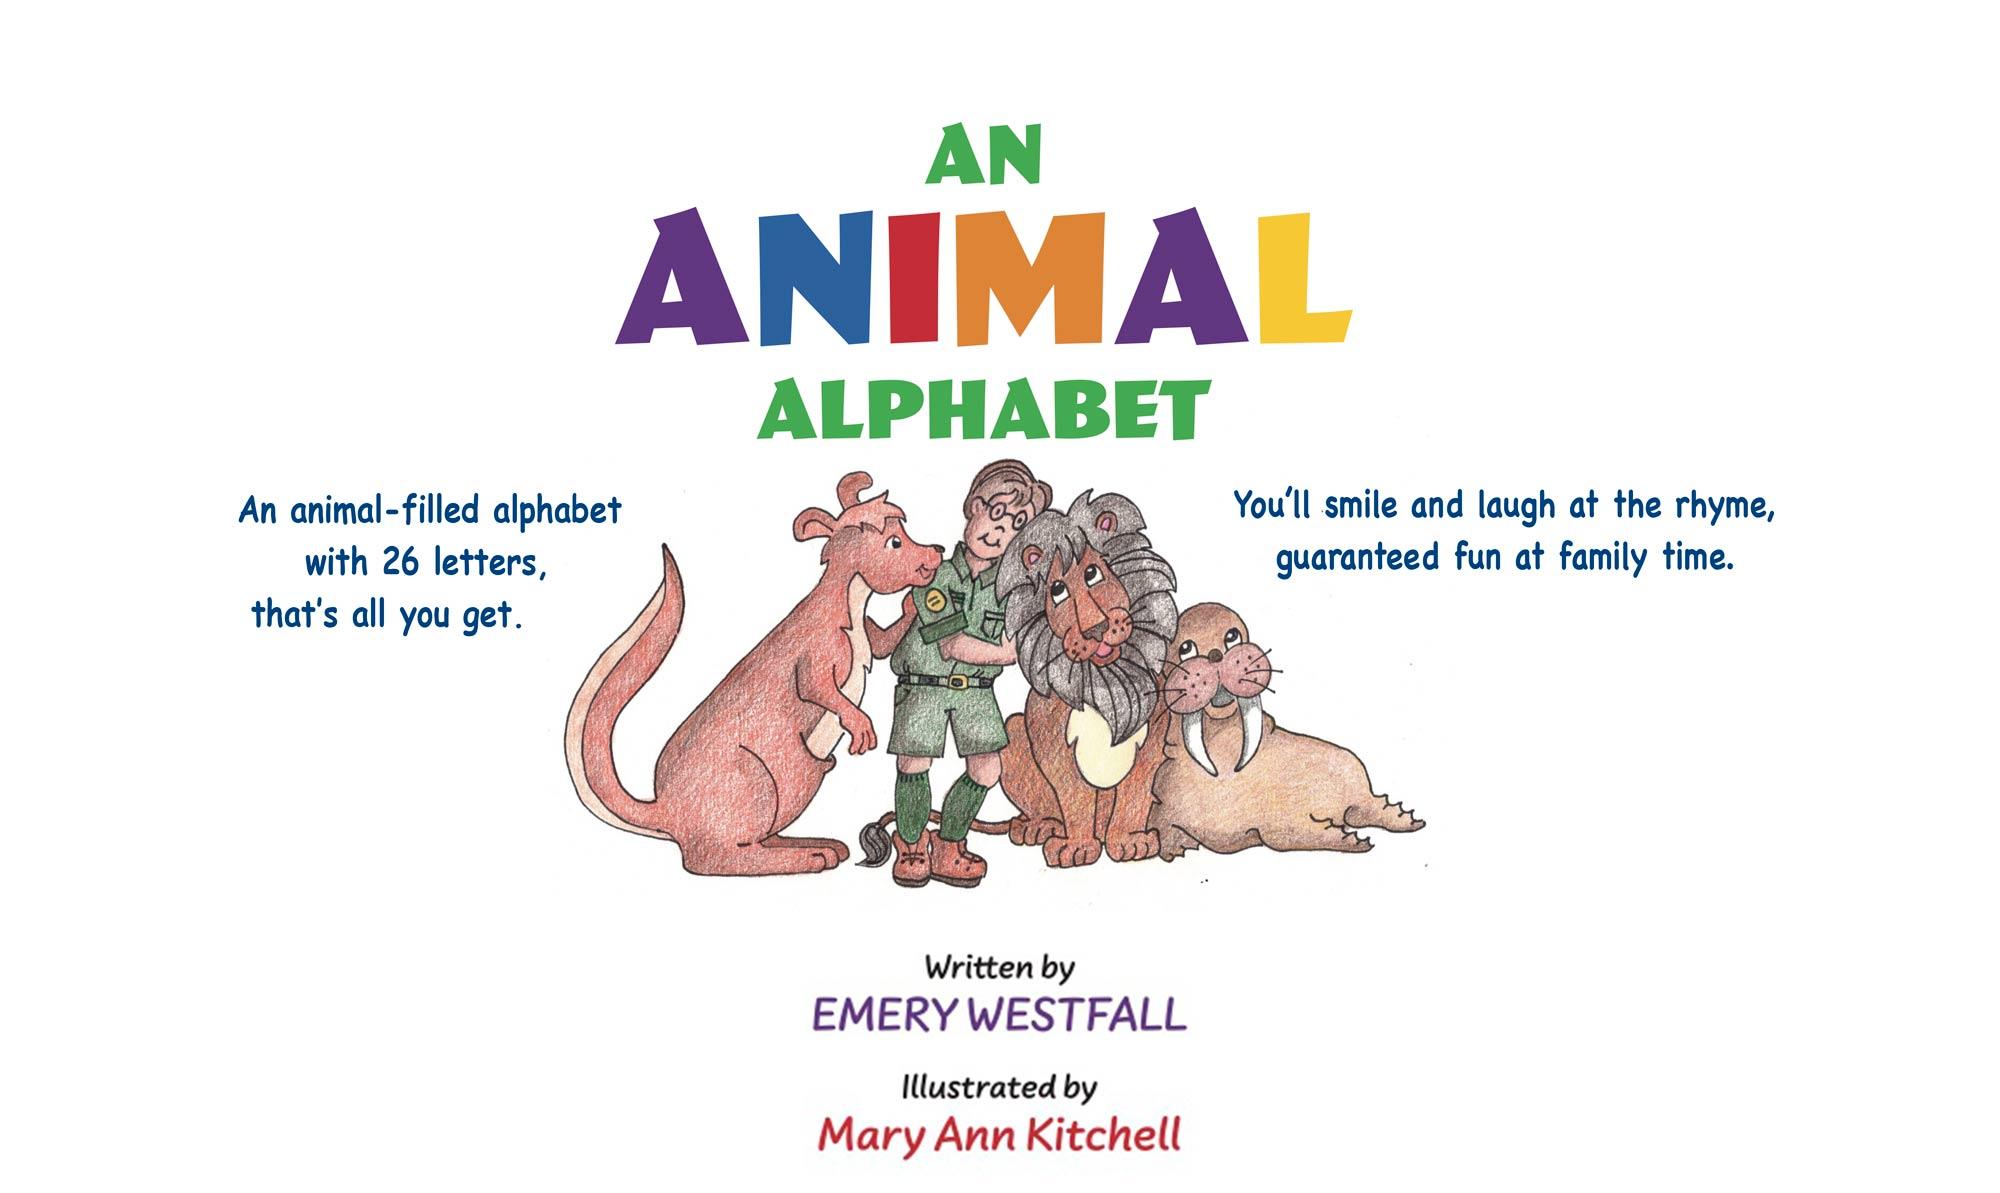 An Animal Alphabet Book Cover